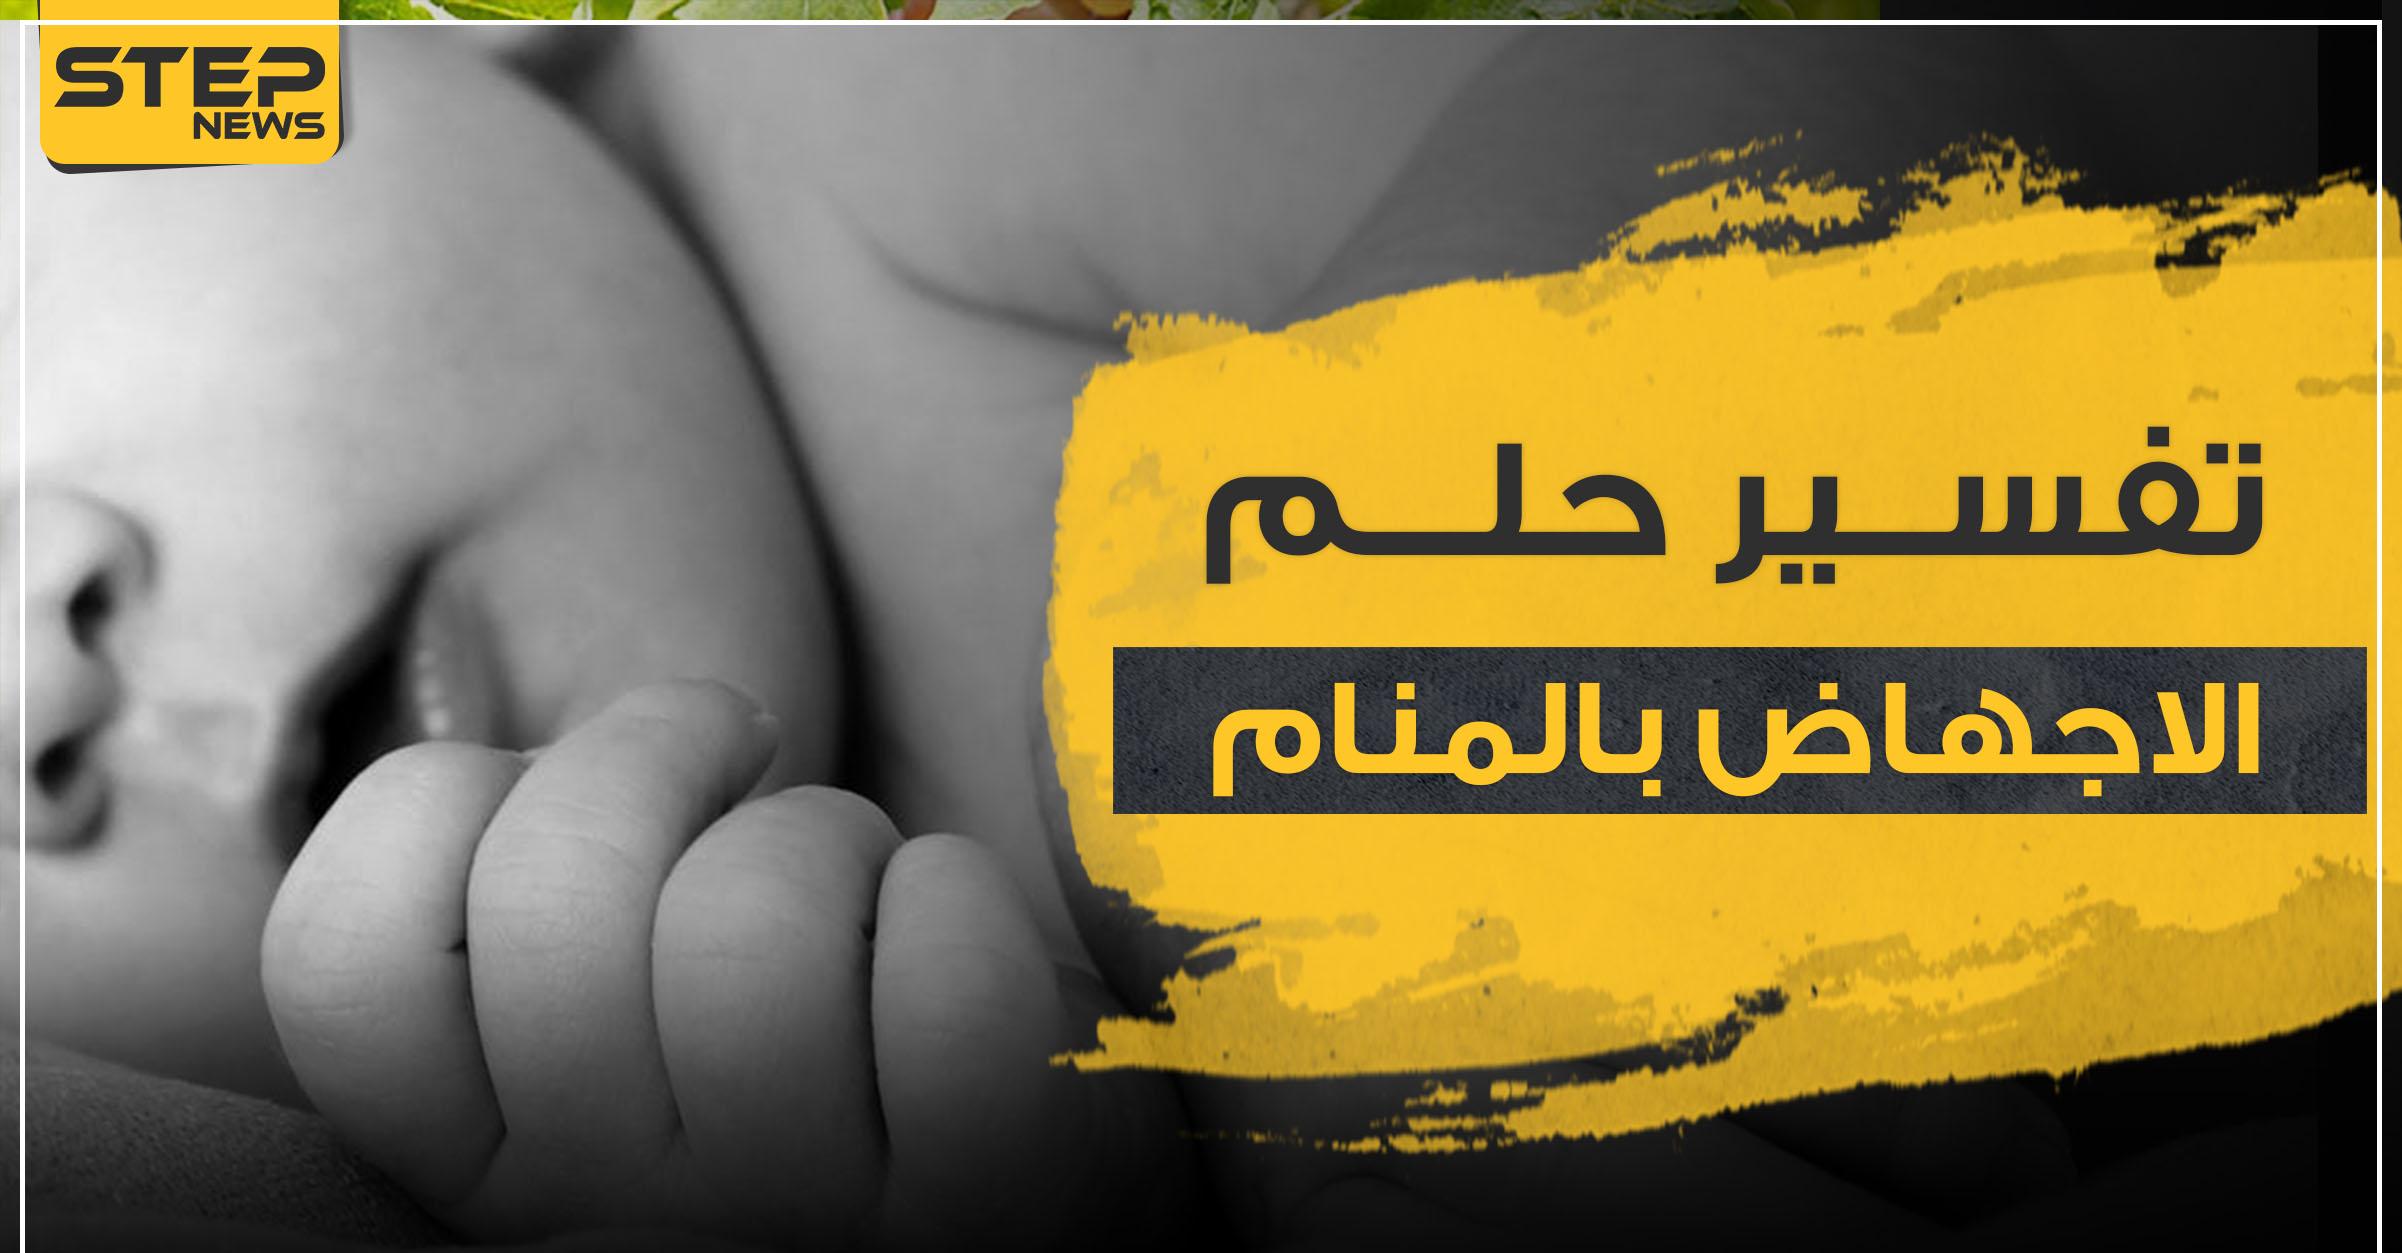 تفسير الاجهاض بالمنام عند المرأة الحامل وتحليل نفسي له والمرأة غير المتزوجة وكالة ستيب الإخبارية